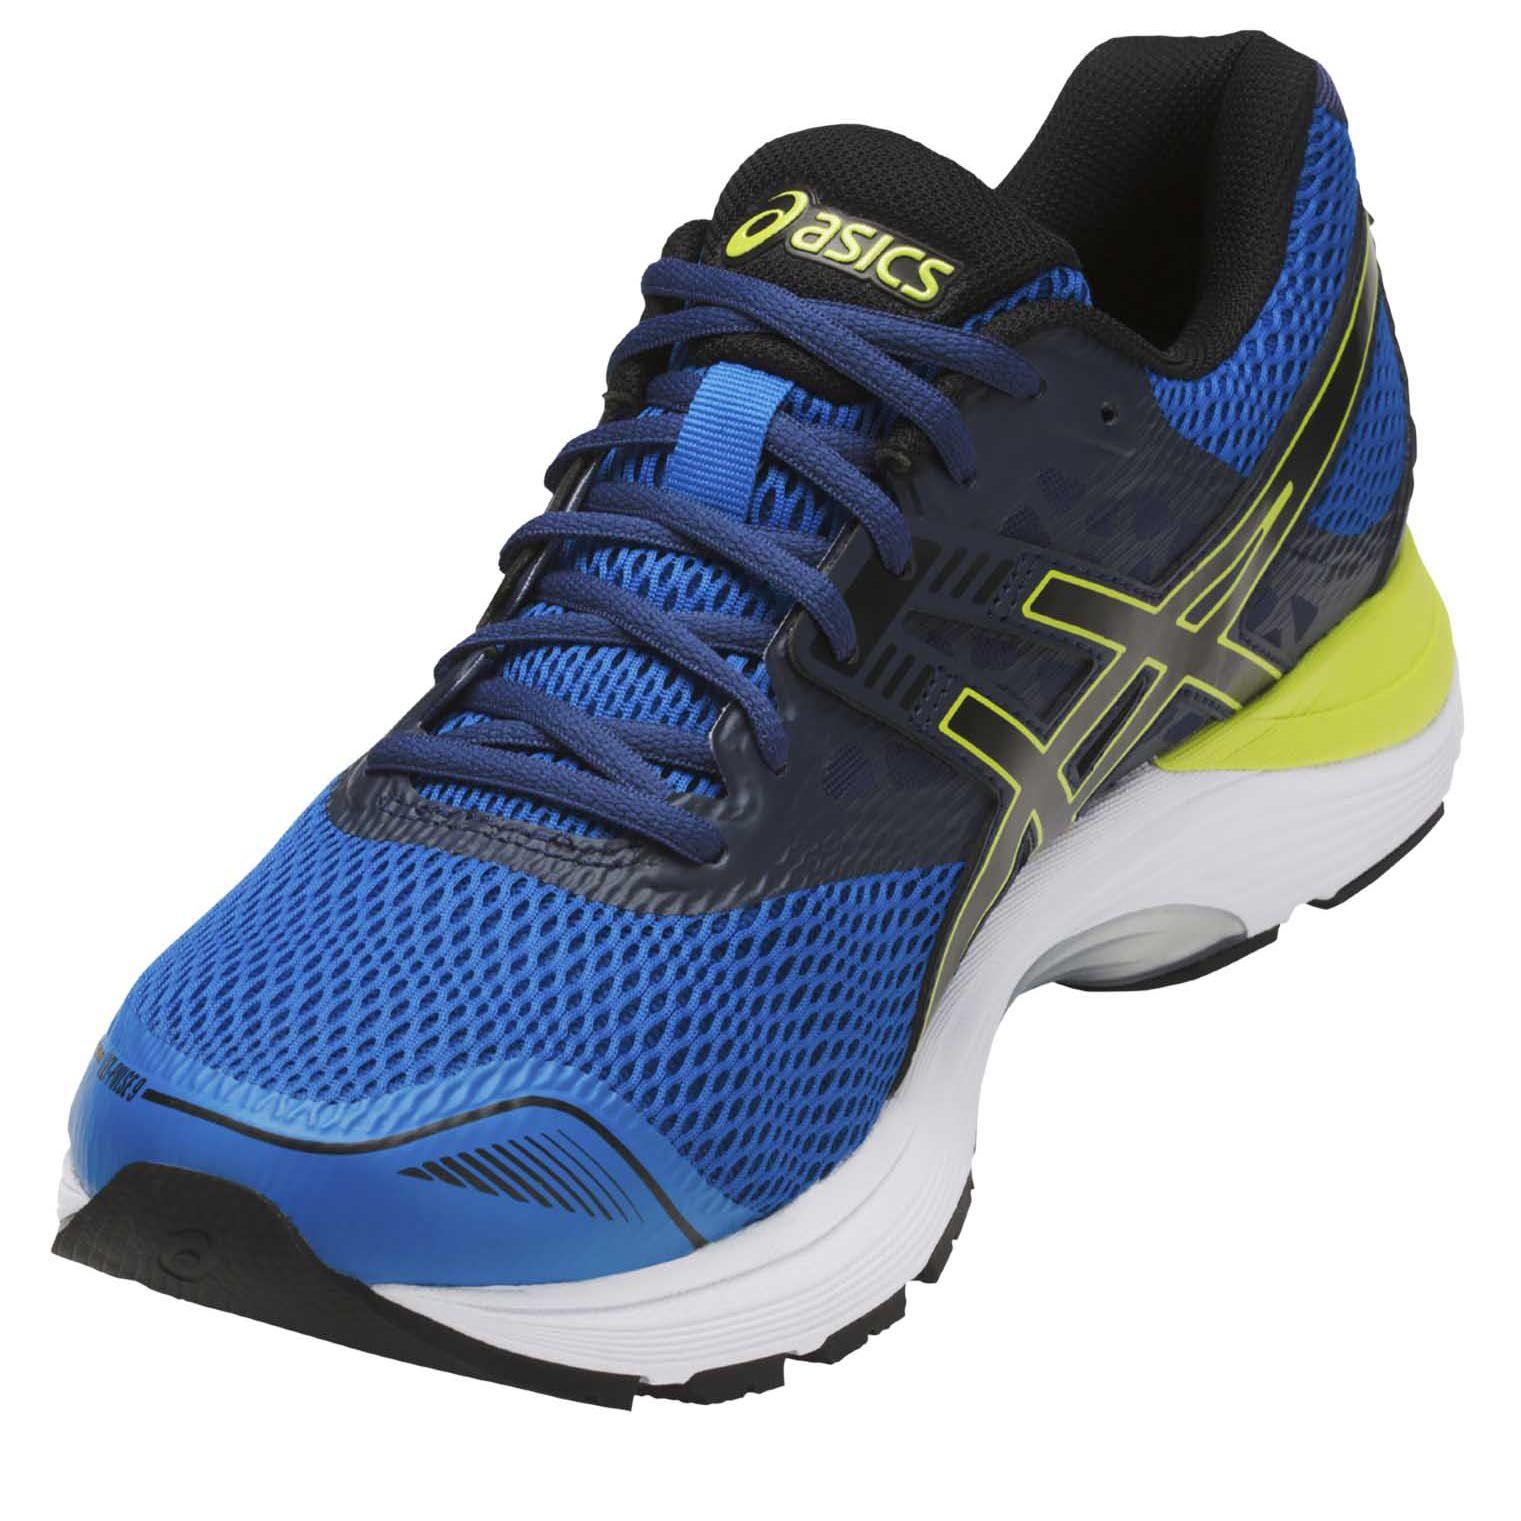 asics gel pulse 9 mens running shoes. Black Bedroom Furniture Sets. Home Design Ideas